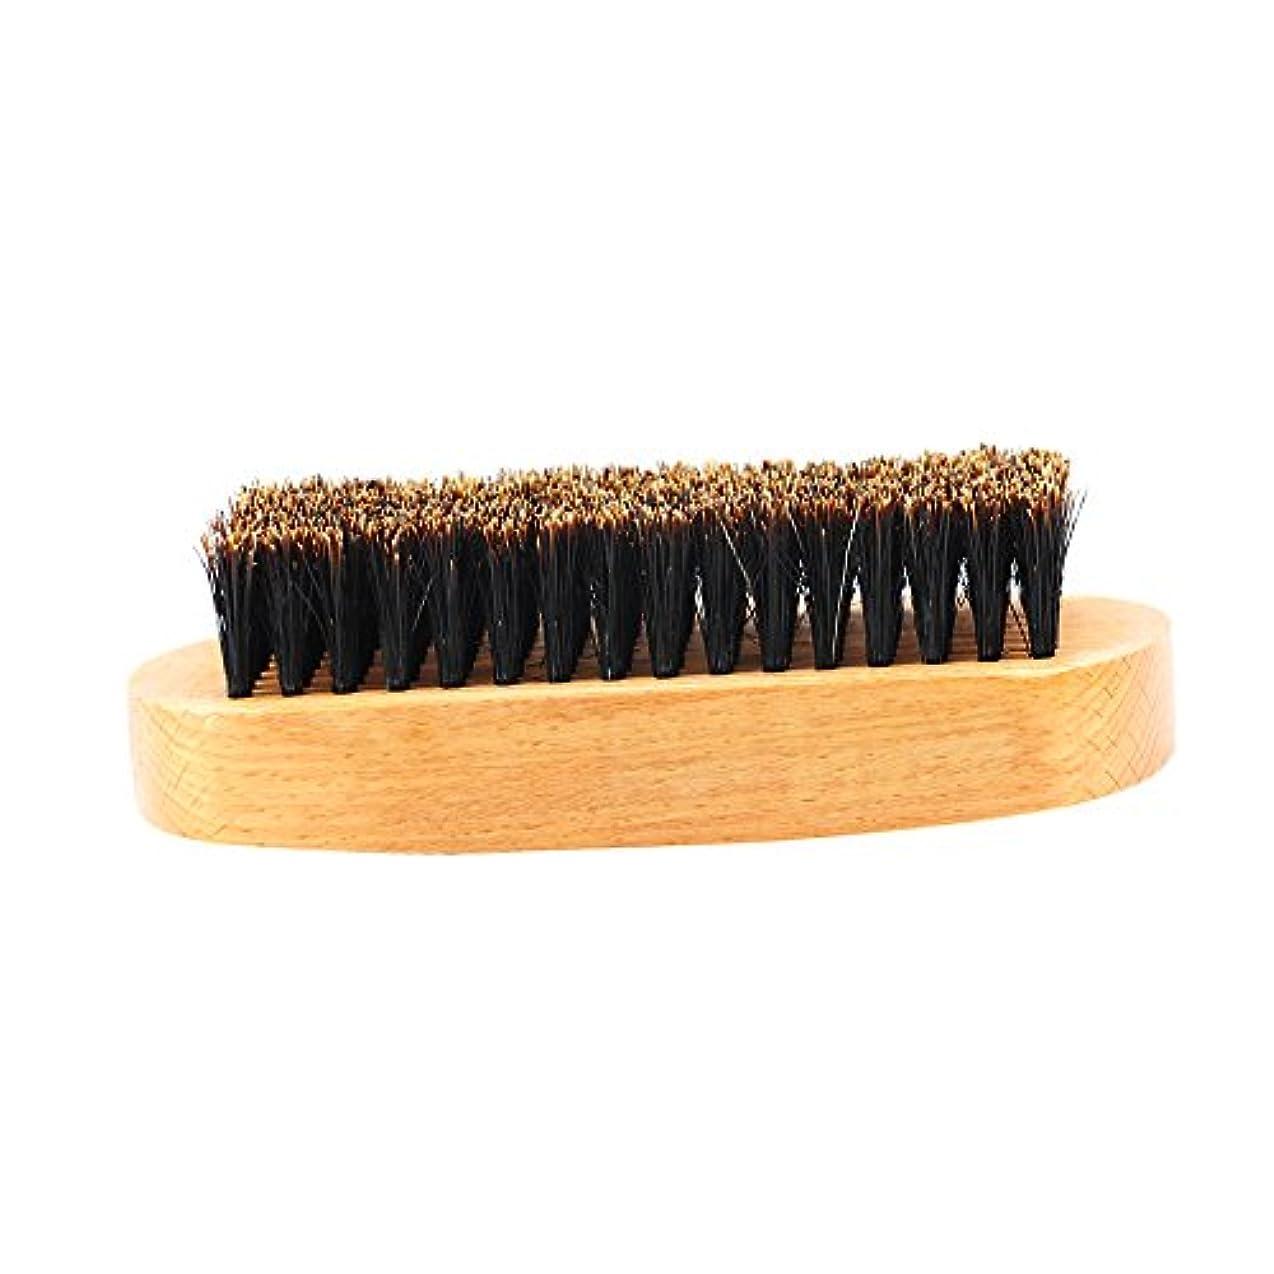 ラッカスコイン勇敢なKesoto ビュアブラシ 豚毛 髭ブラシ メンズ ひげブラシ 天然木ハンドル 口ひげケア 2タイプ選べる - #1